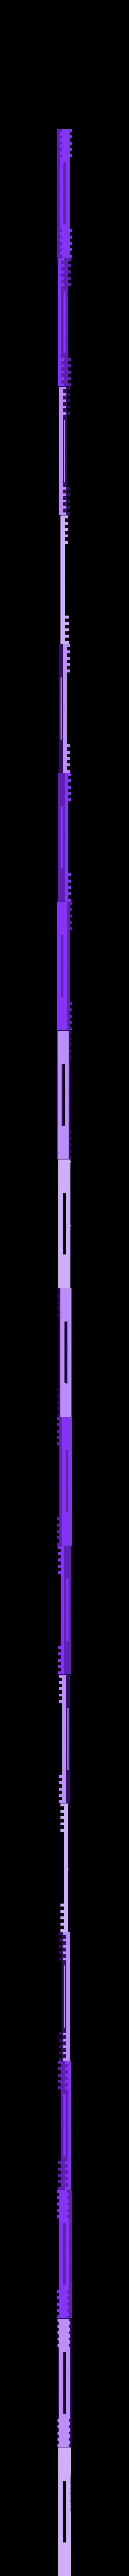 connector.stl Télécharger fichier STL gratuit Support de bobine de filament ajustable / extensible - Ajouts à Flashforge Creator Pro • Modèle à imprimer en 3D, Kajdalon